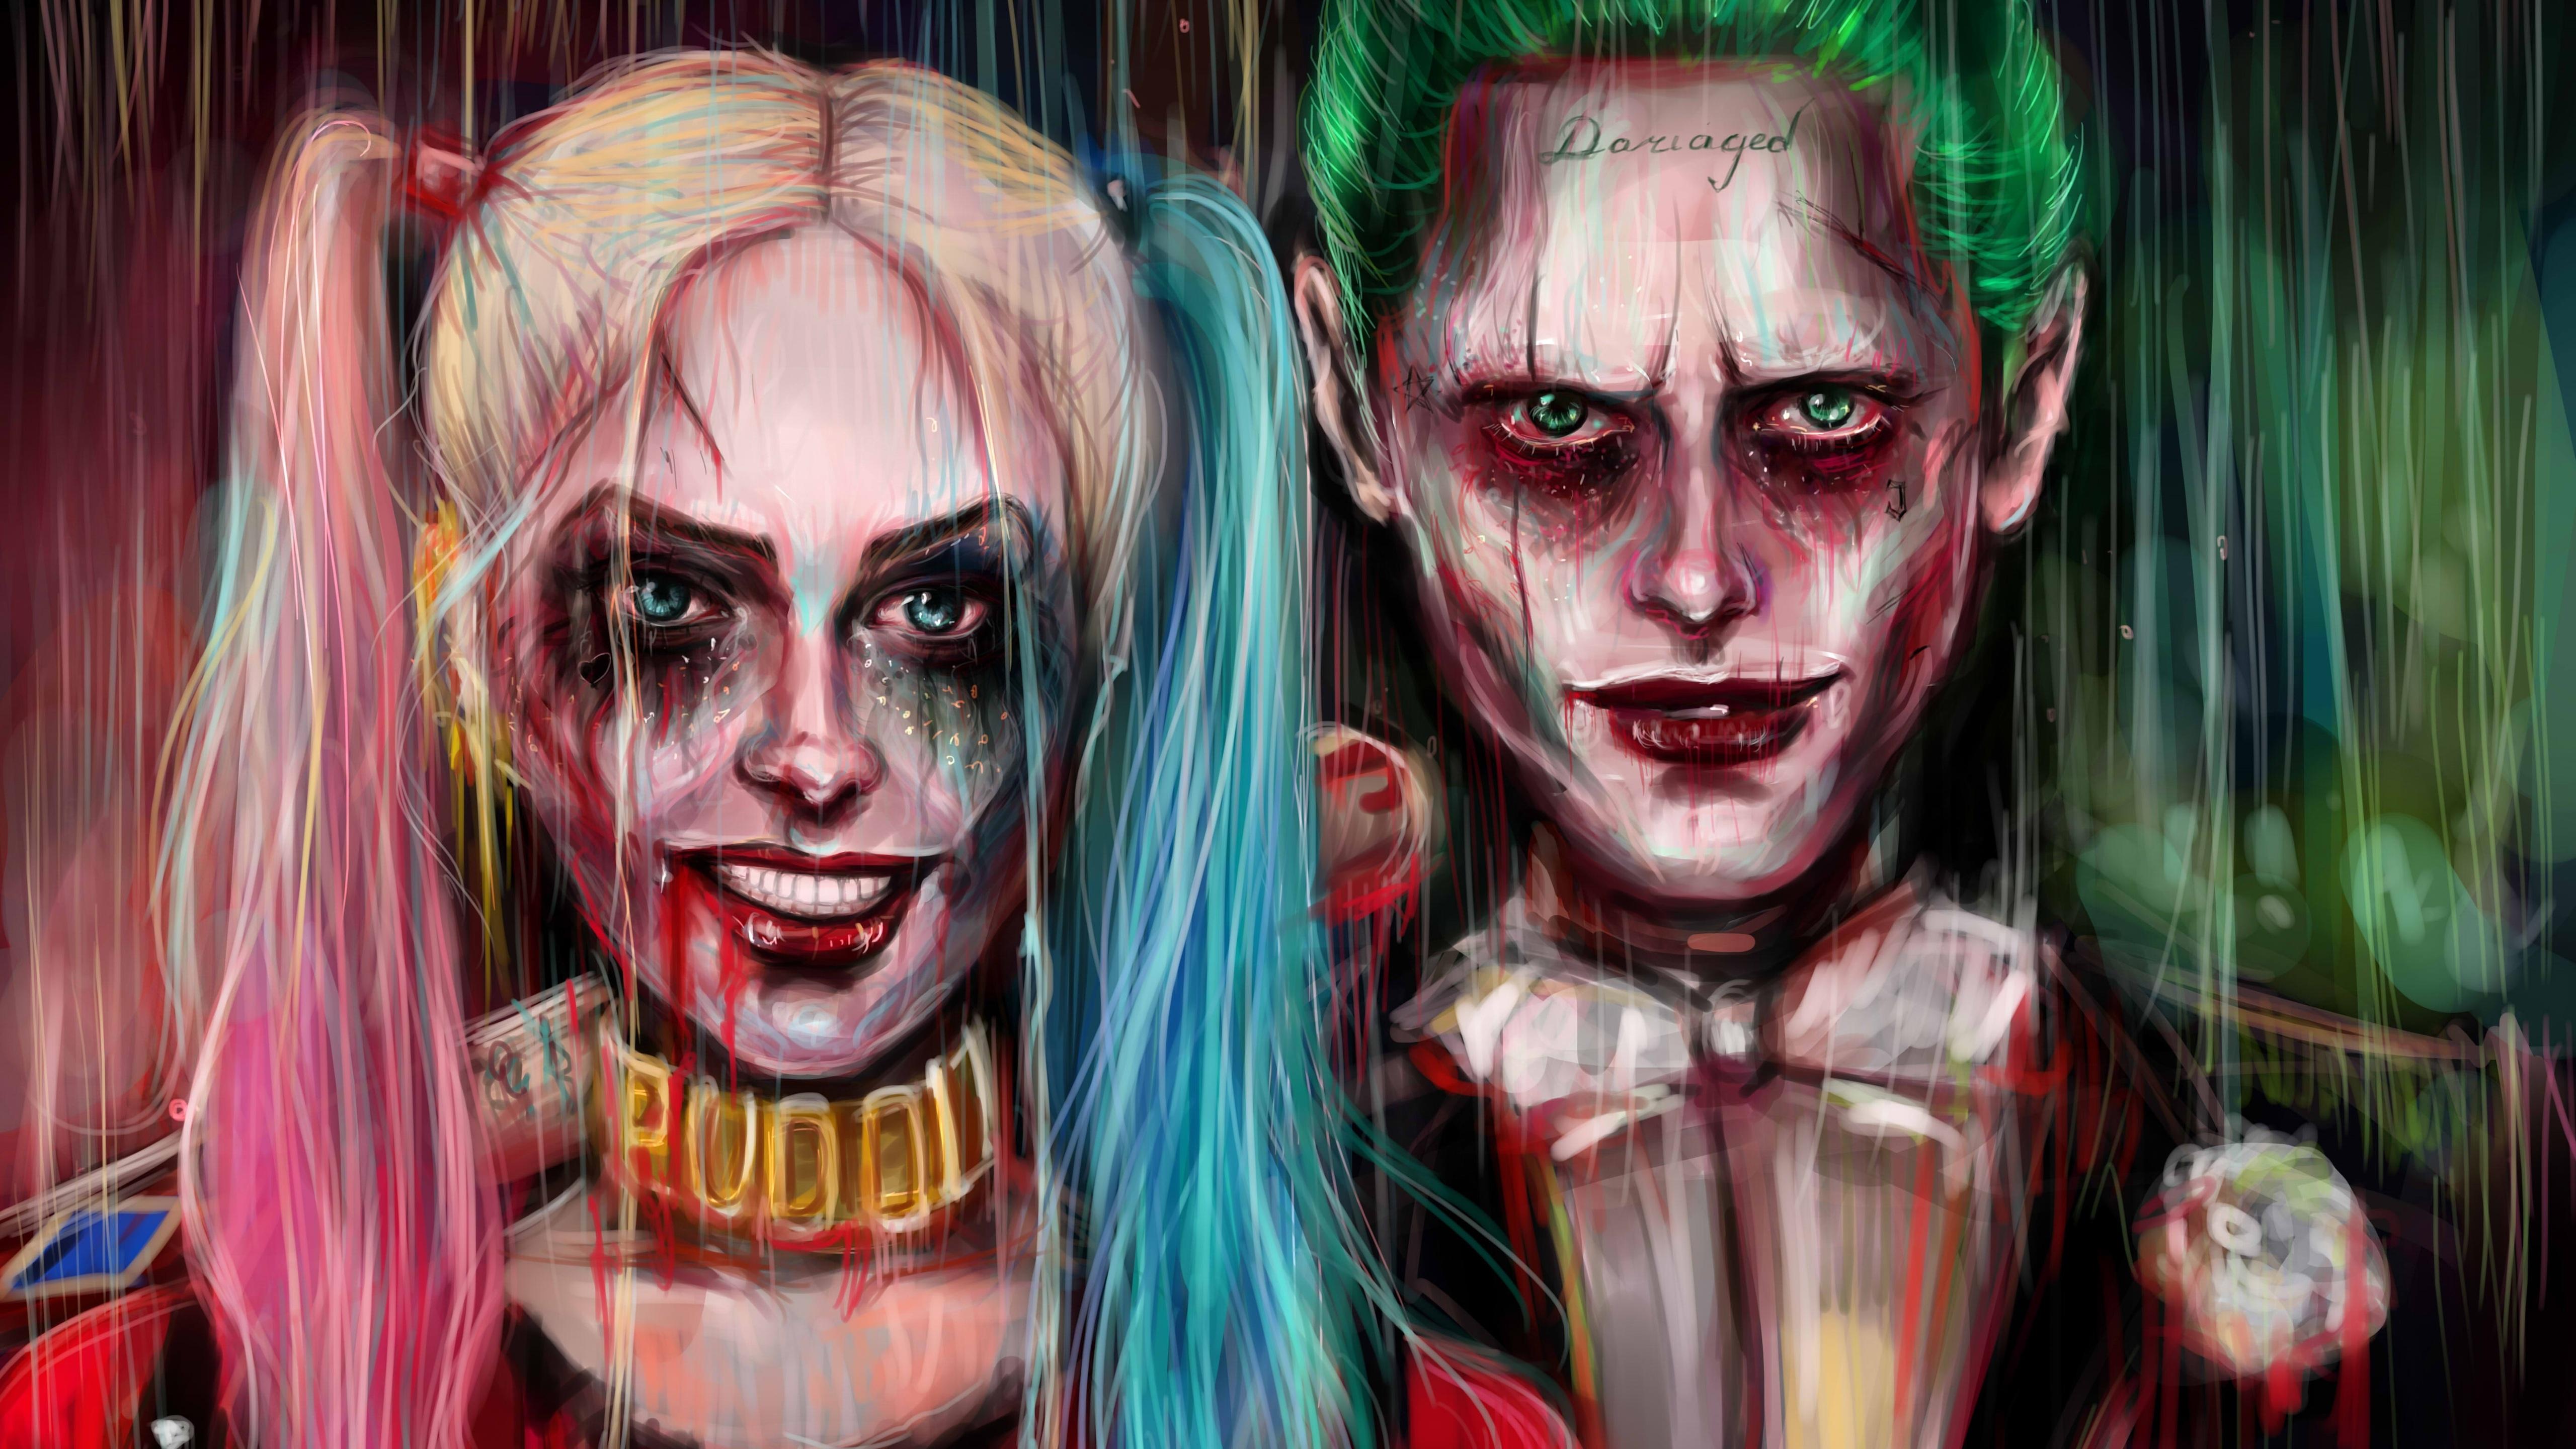 5120x2880 Harley Quinn Joker Painting Artwork 4k 5k 5k Hd 4k